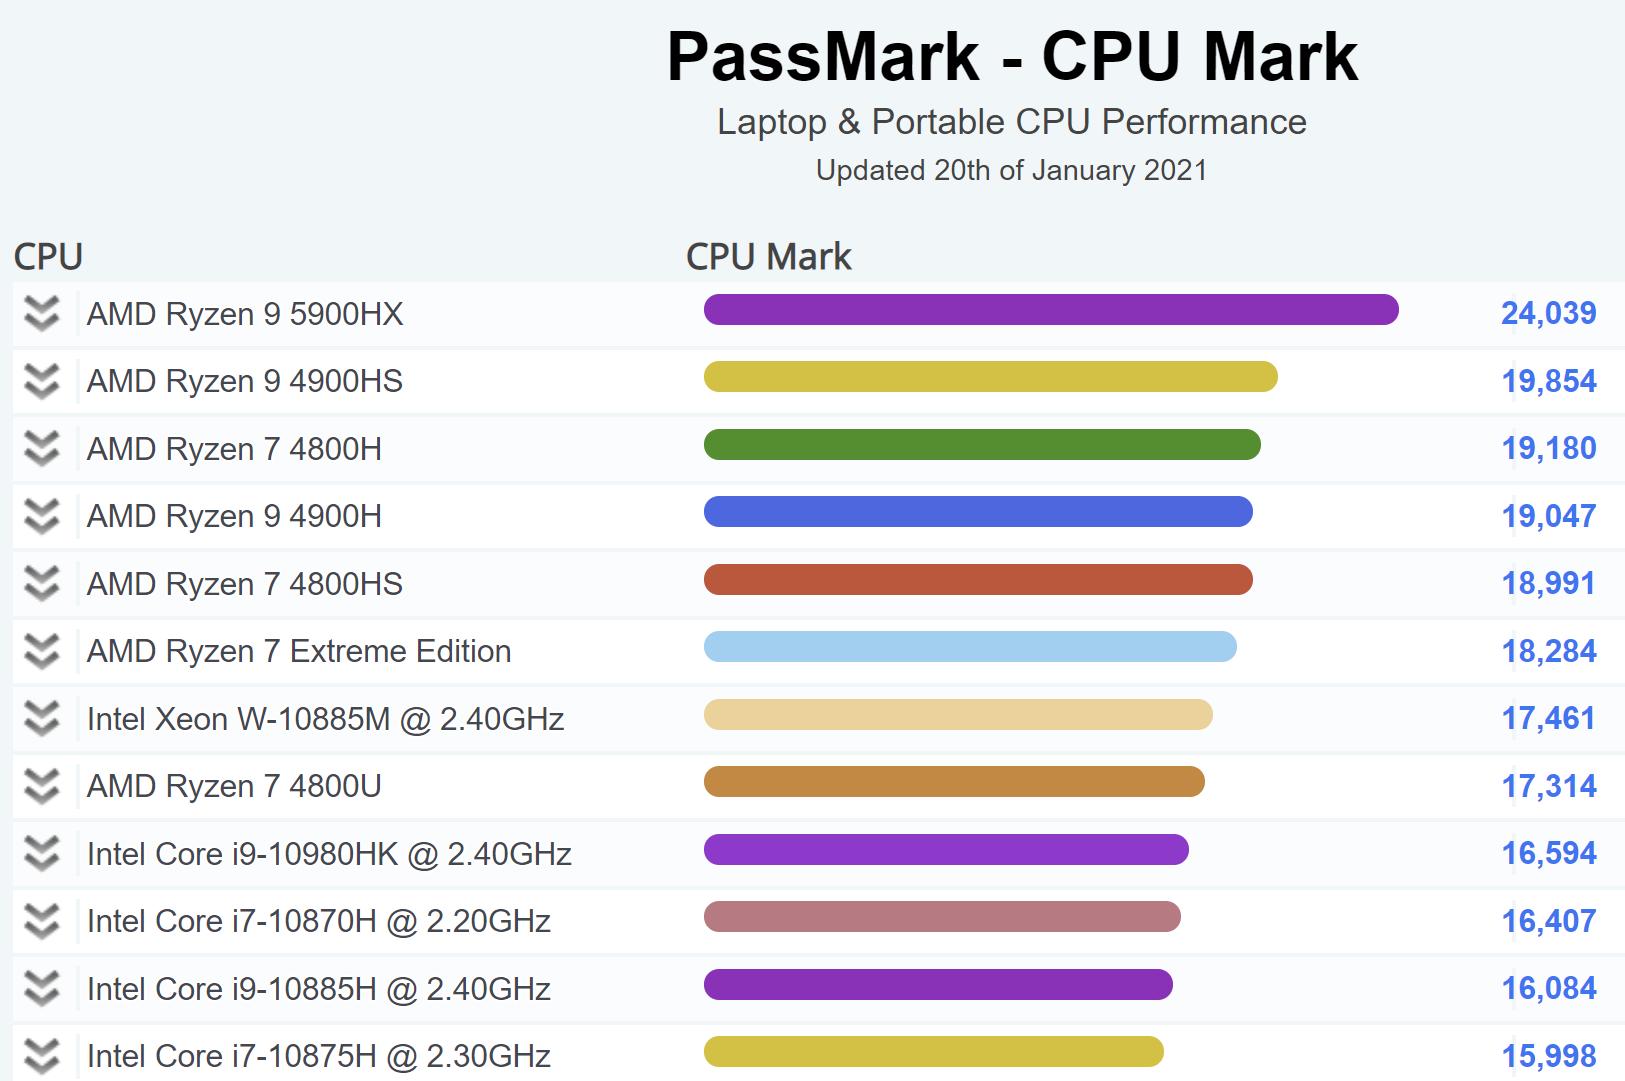 AMD Ryzen 9 5900HX оказался самым быстрым мобильным процессором в тесте PassMark